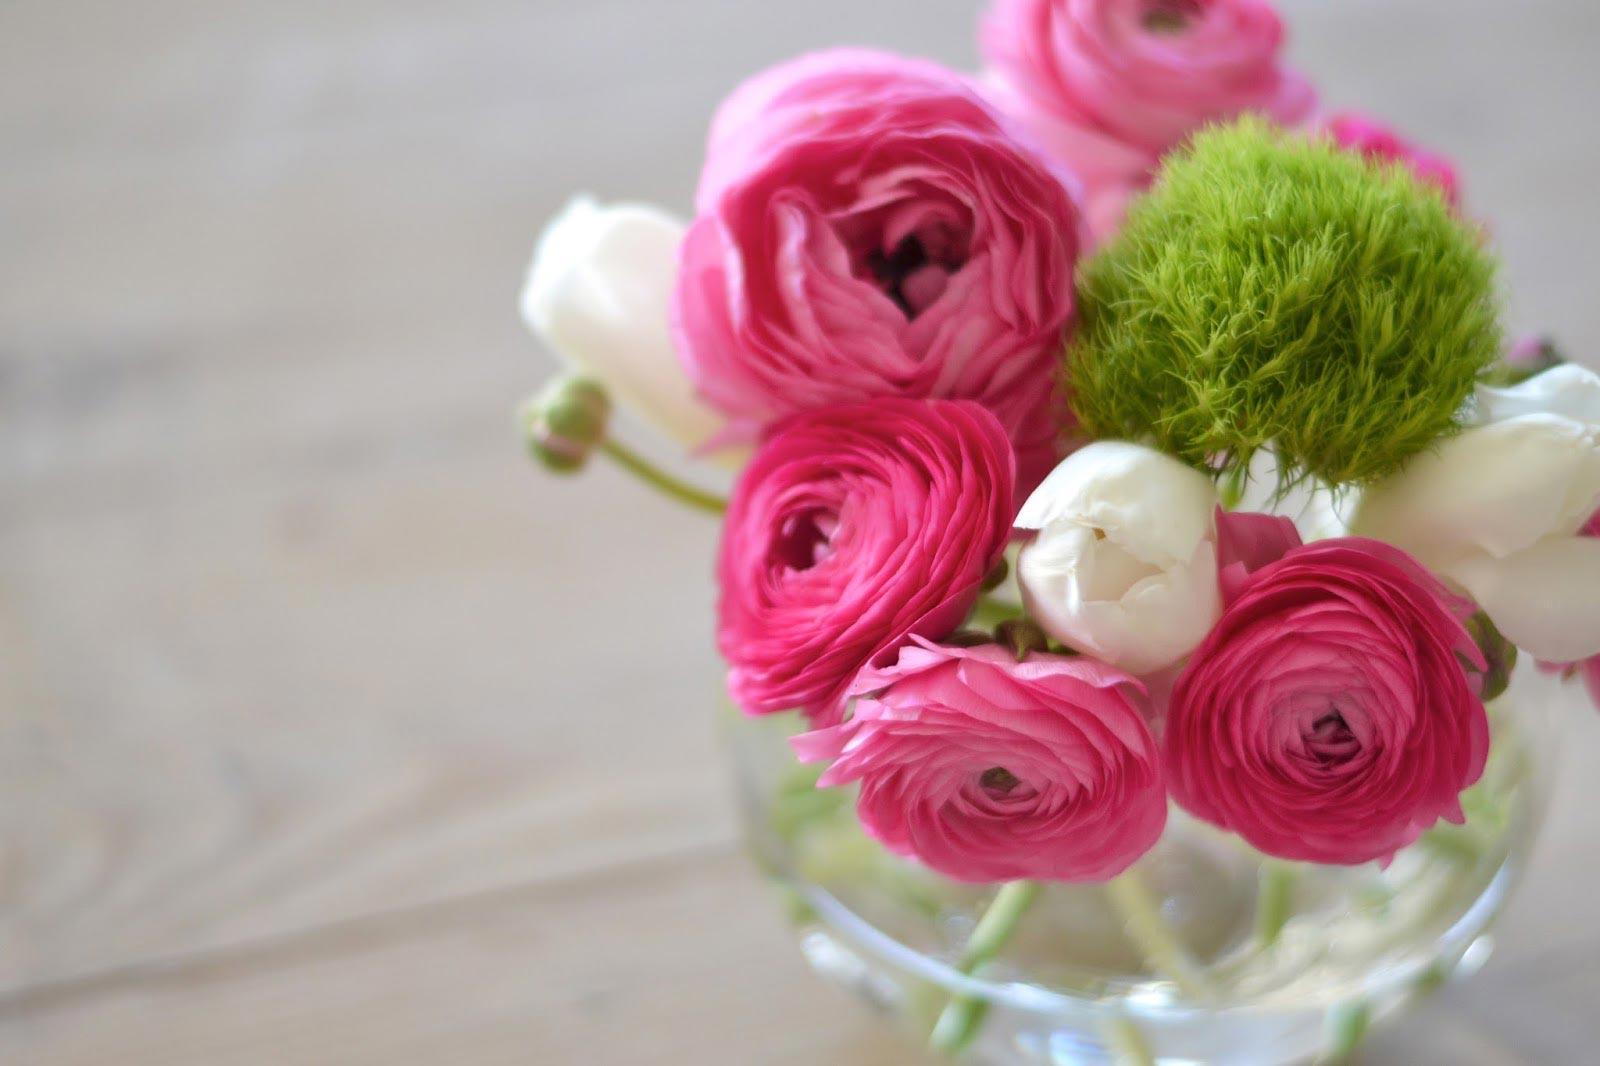 mẹo giữ hoa tươi lâu 2019 1